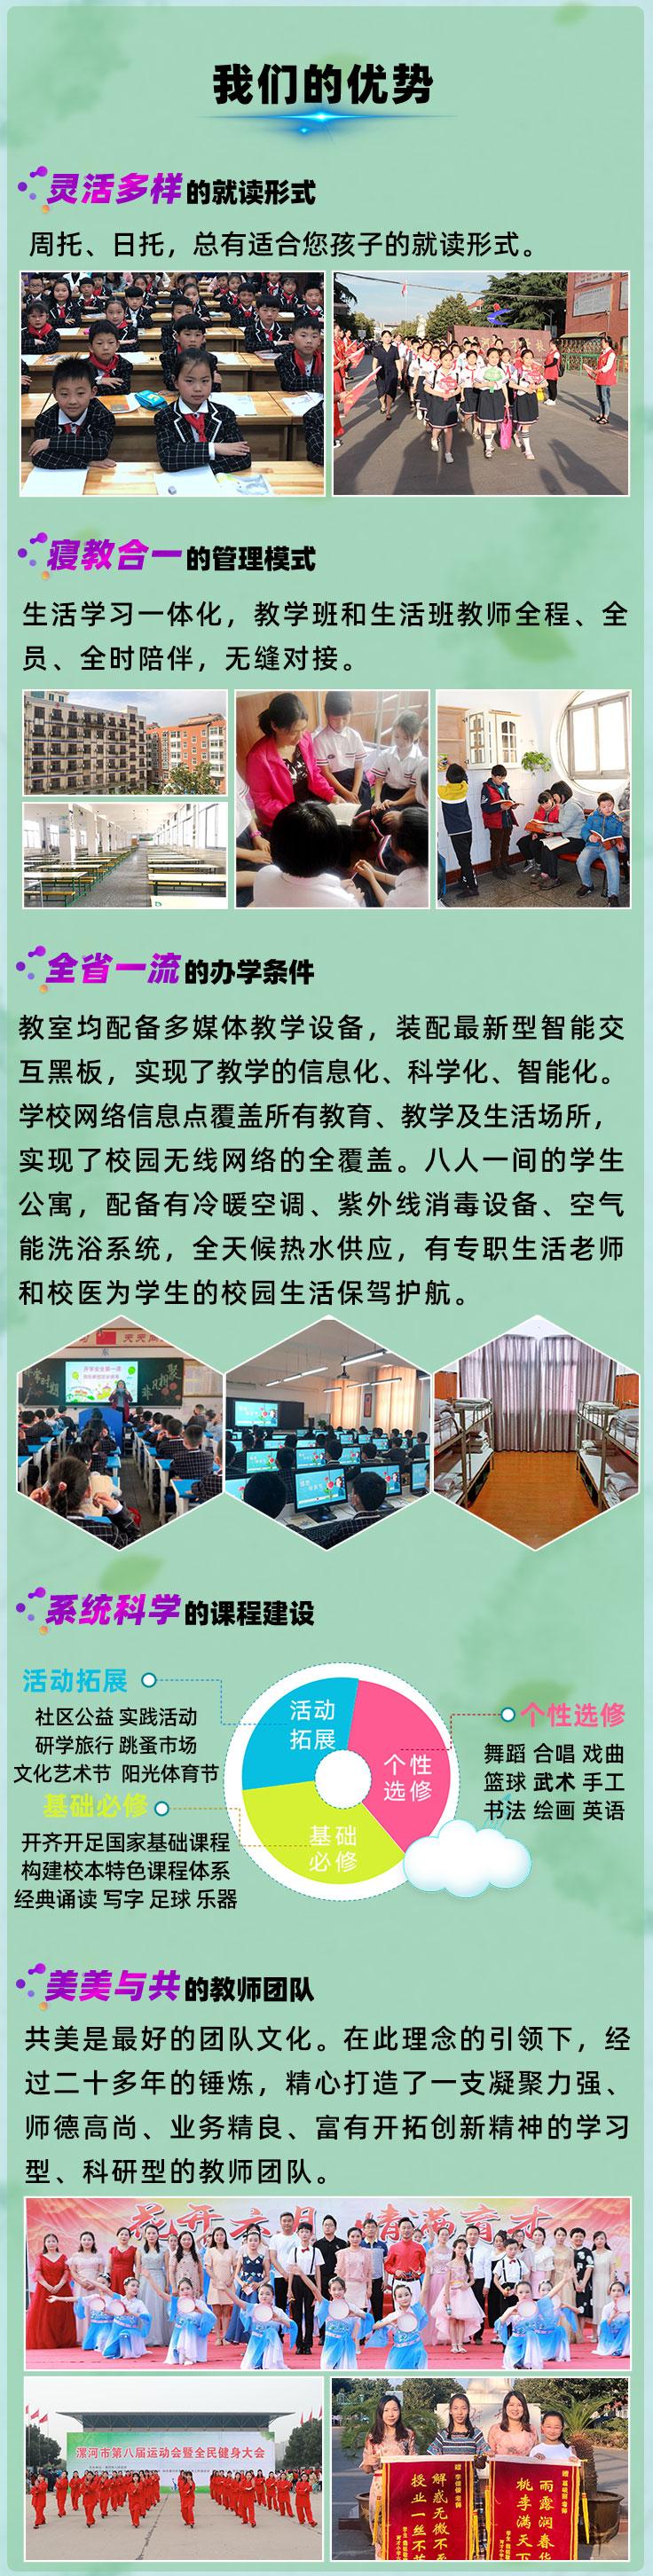 育才小学2019年招生简章2_03